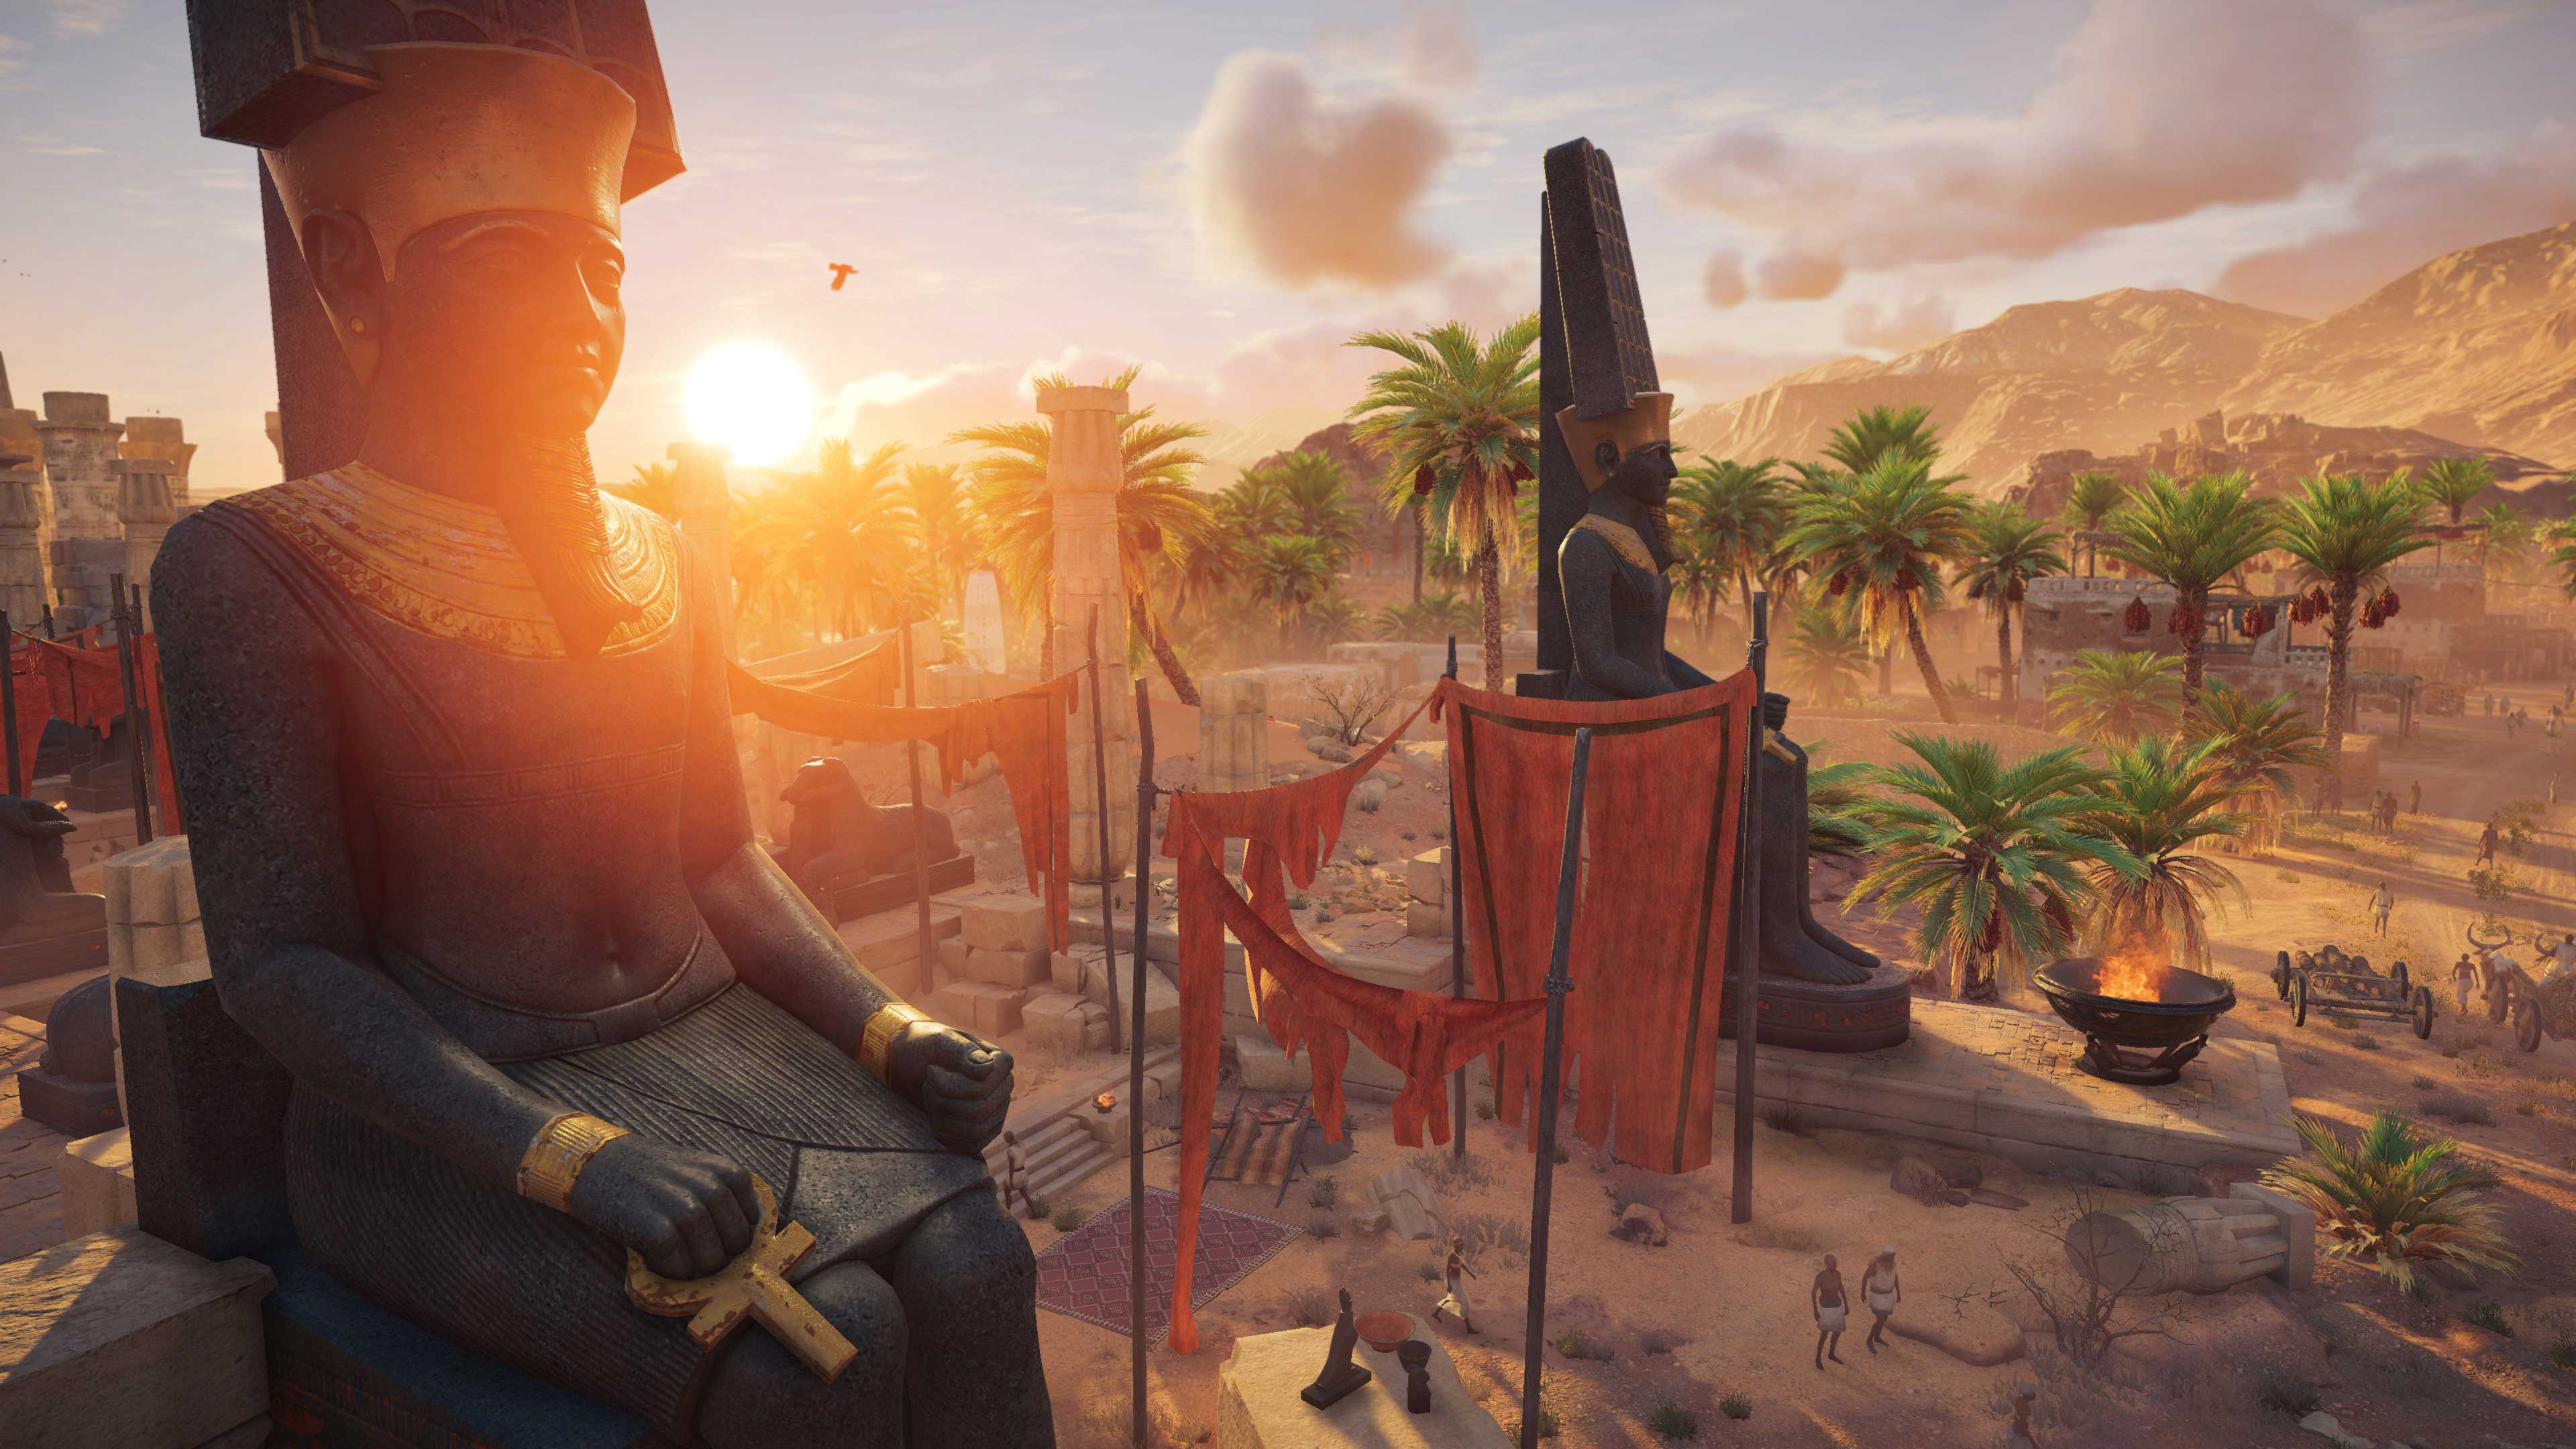 Игра Assassins Creed Origins получила в целом положительные отзывы в игровой прессе с отдельными